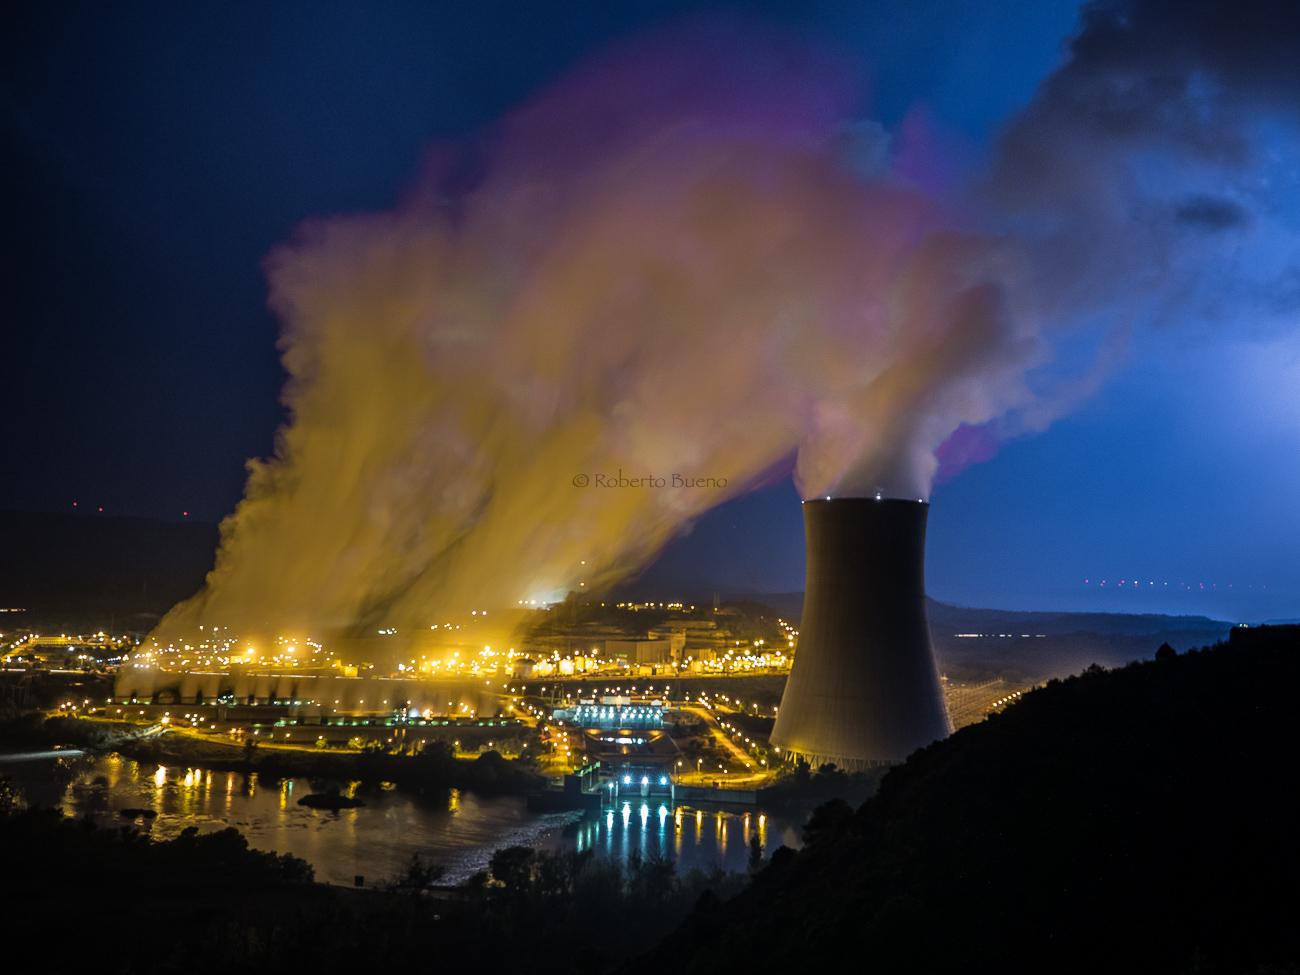 Torres de refrigeración. Central Nuclear de Ascó - Energía Nuclear - Roberto Bueno. Energía Nuclear y Centrales Nucleares